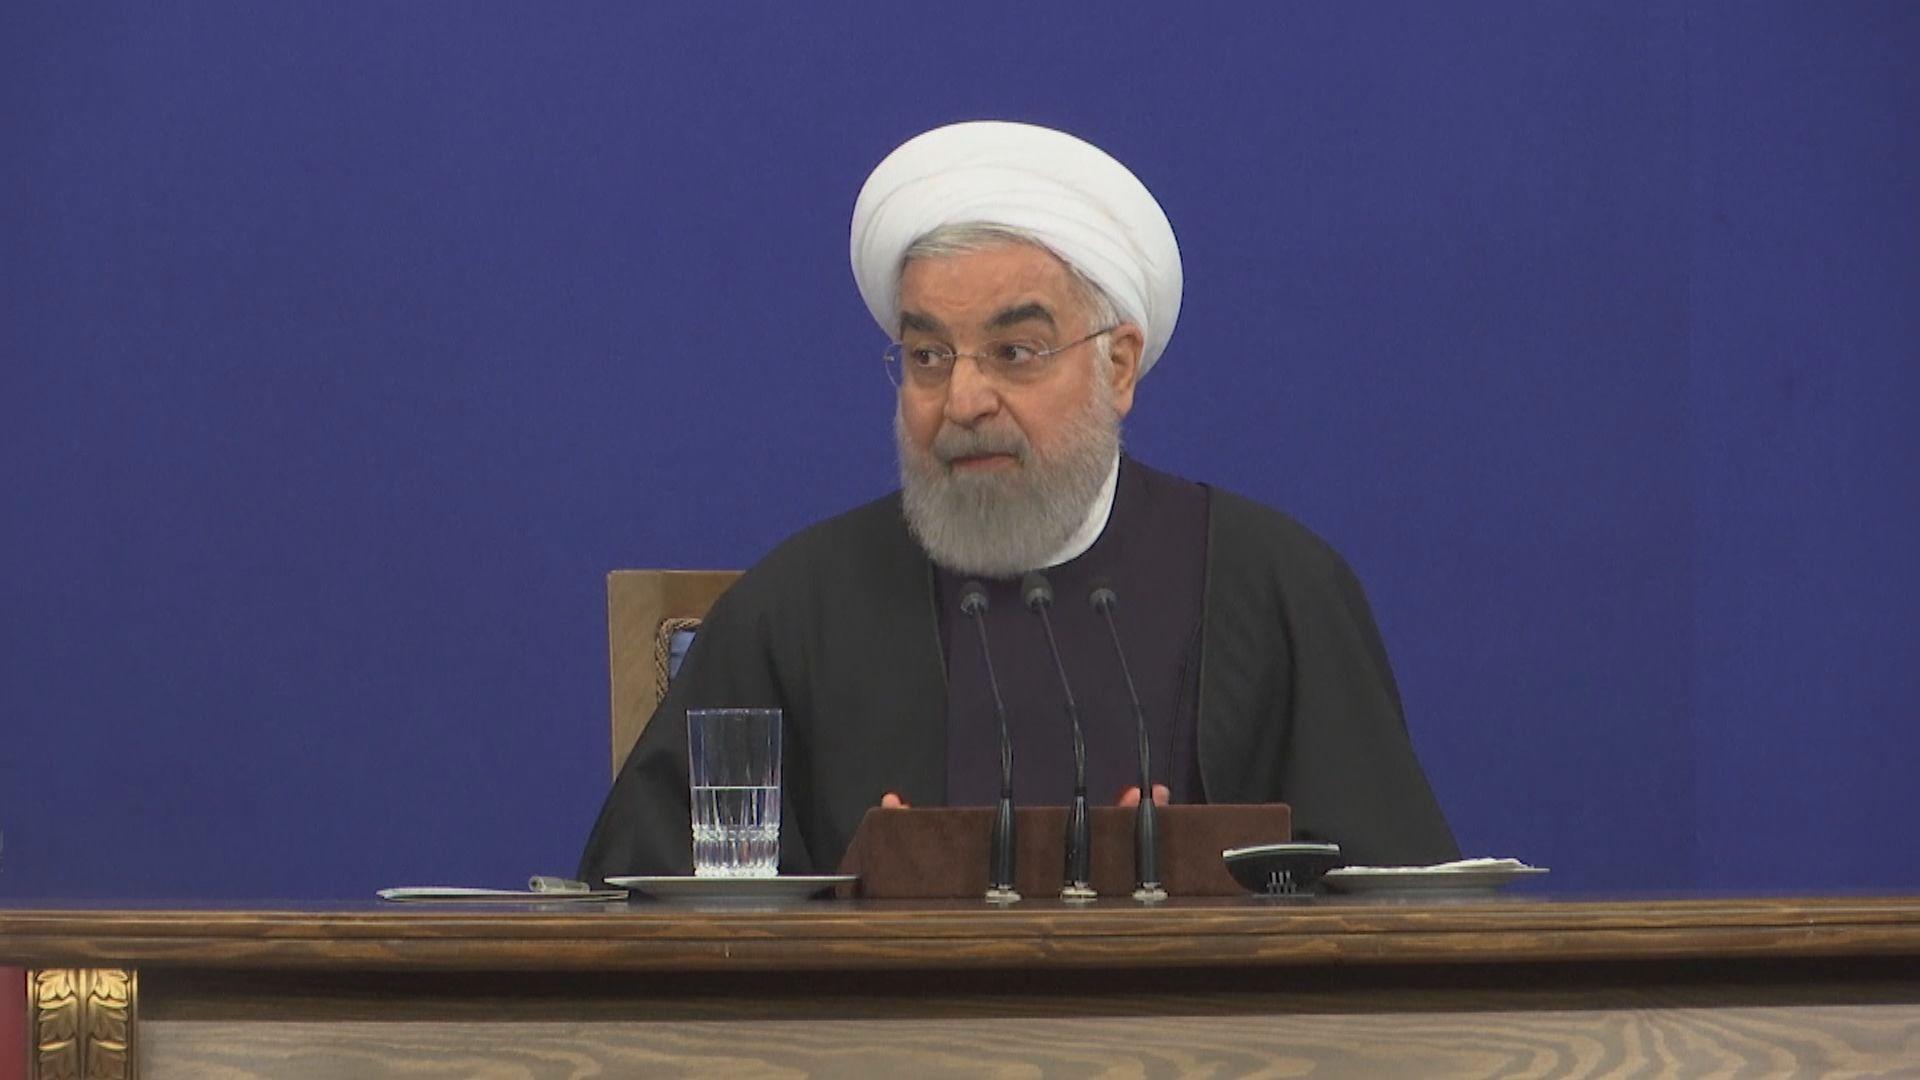 魯哈尼稱特朗普不會在大選前向伊朗開戰